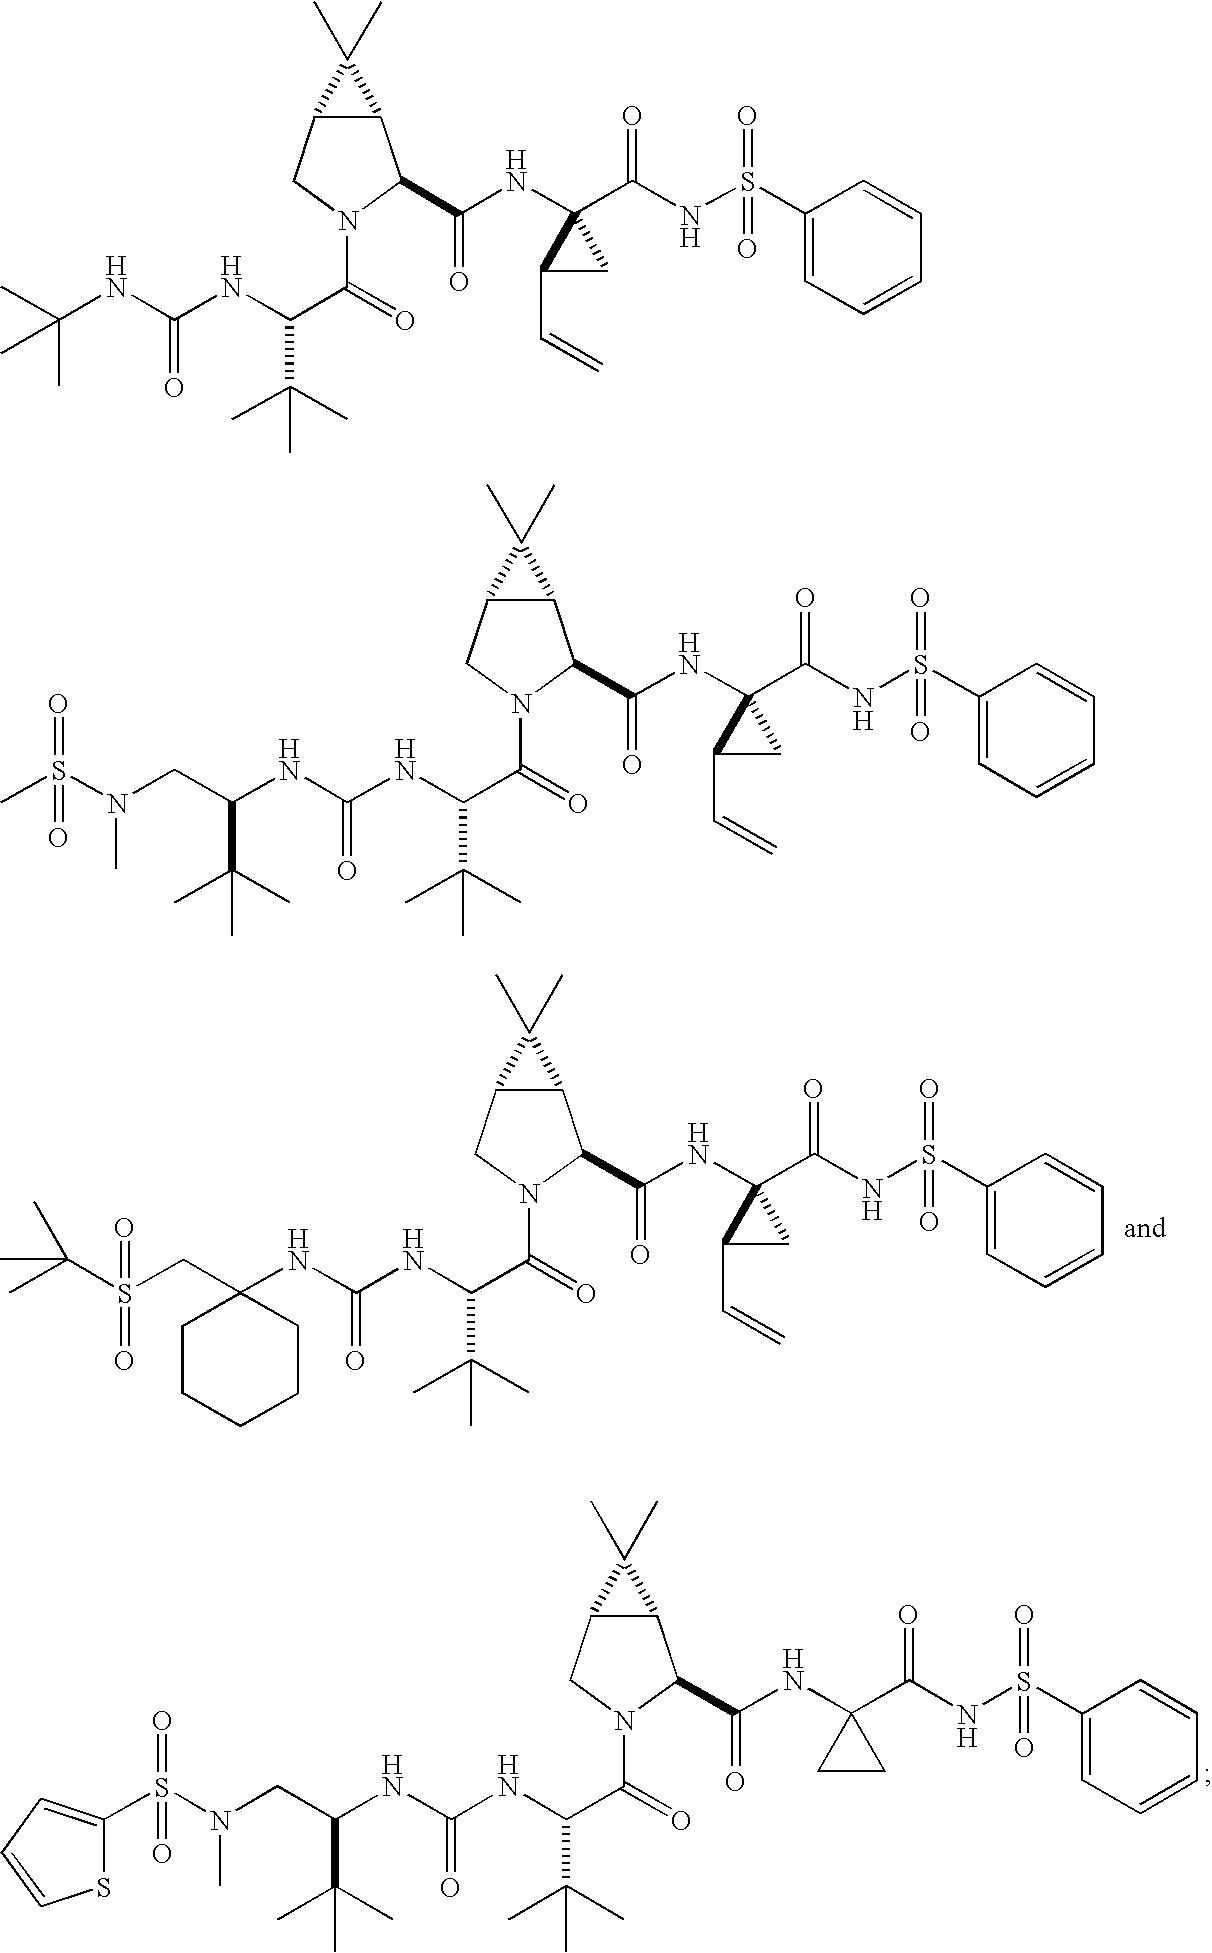 Figure US20060287248A1-20061221-C00556